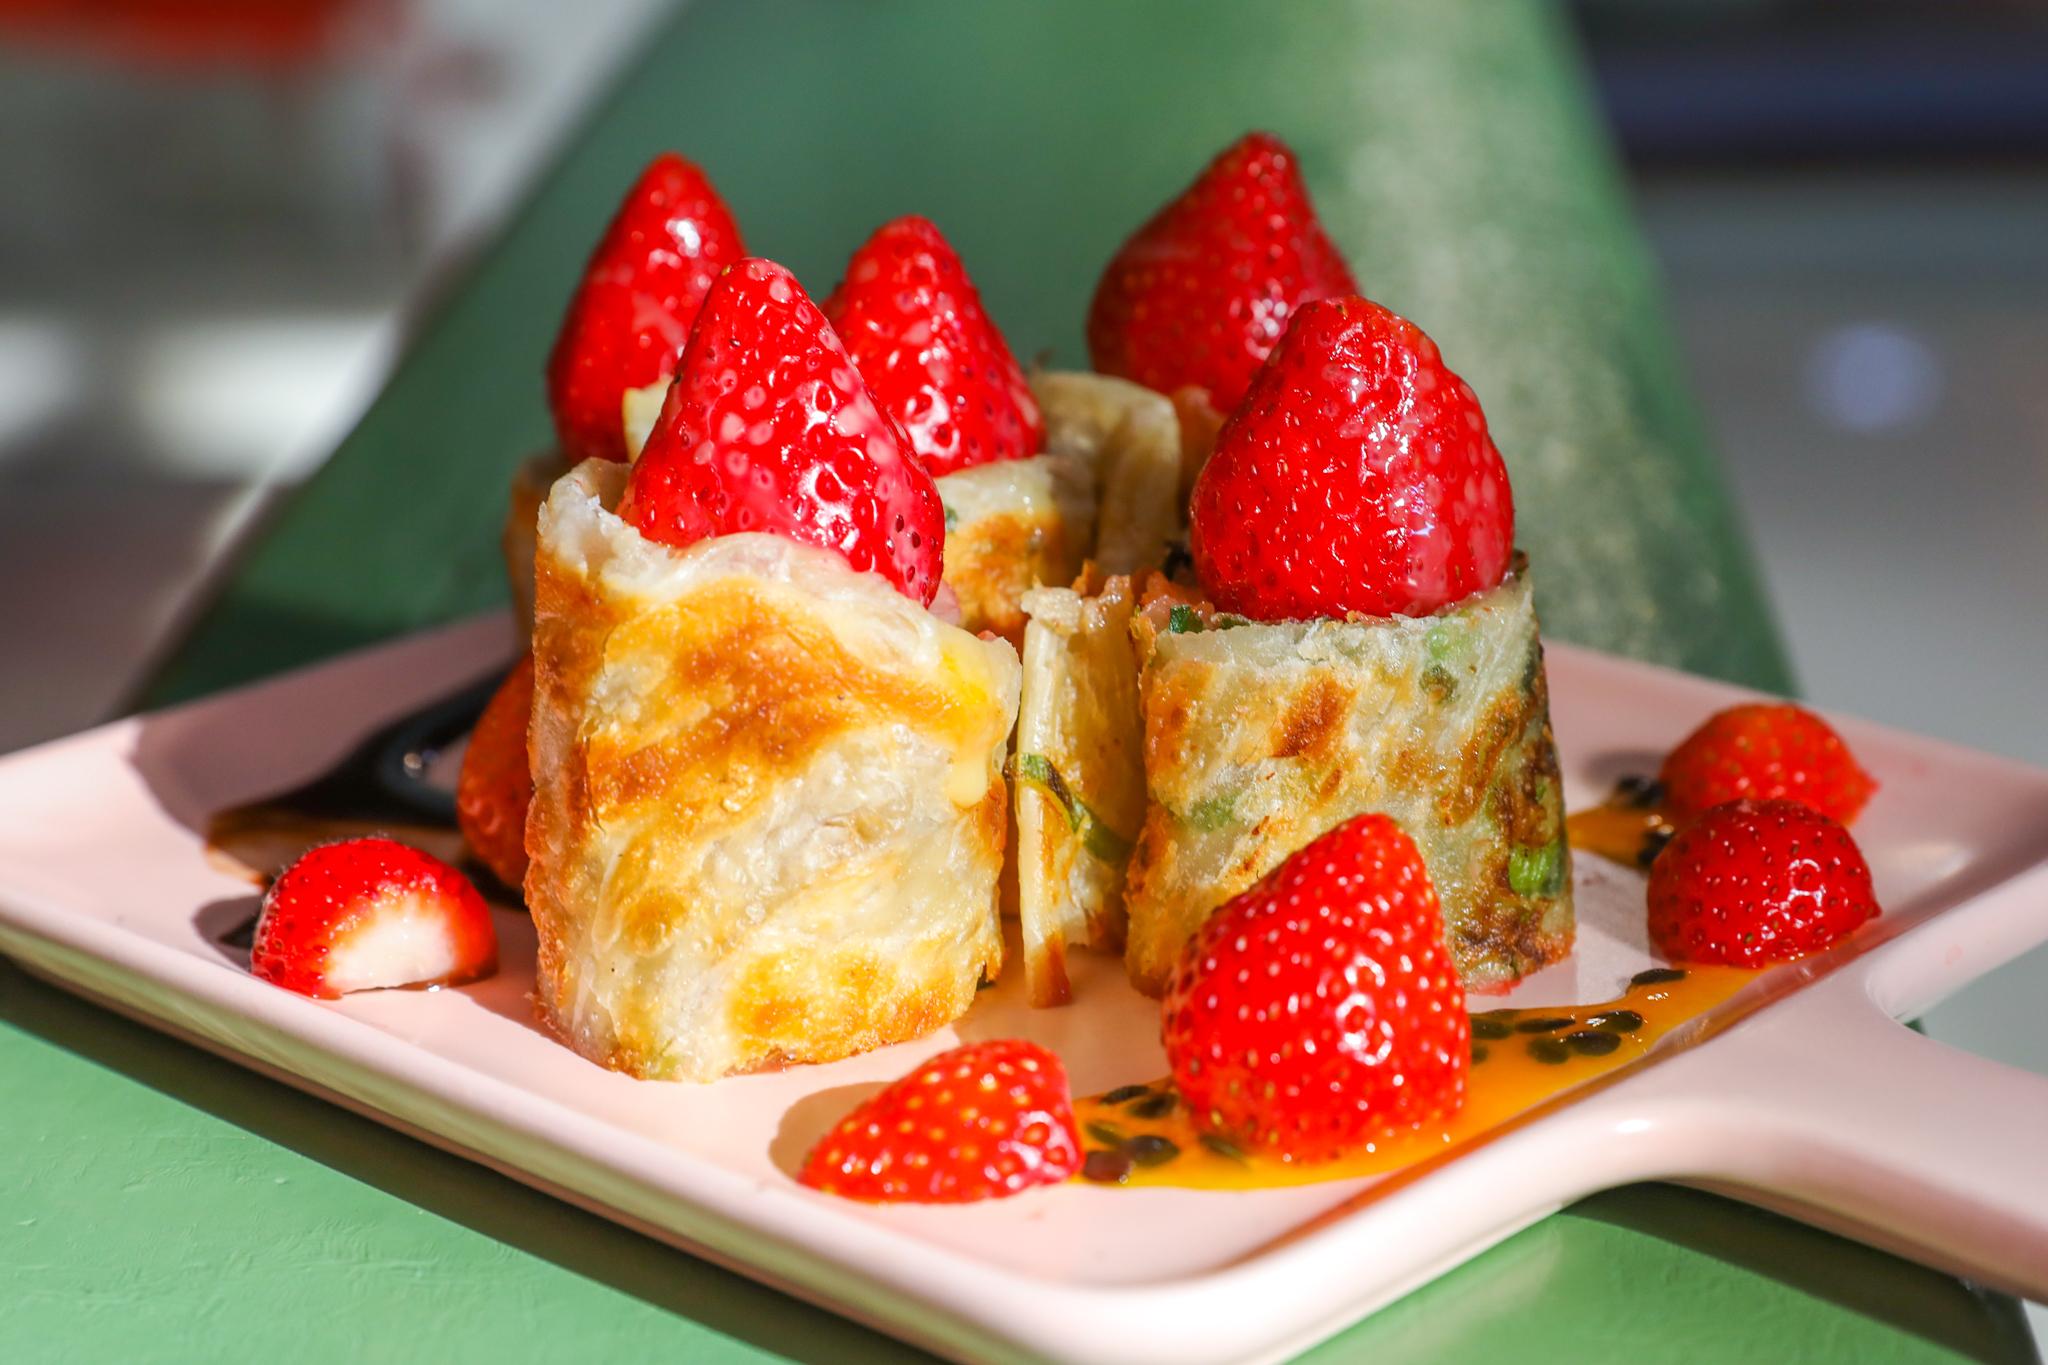 草莓鬆餅,草莓蛋糕,草莓蛋餅,草莓麻糬,草莓大福,草莓,台北美食,台北咖啡館